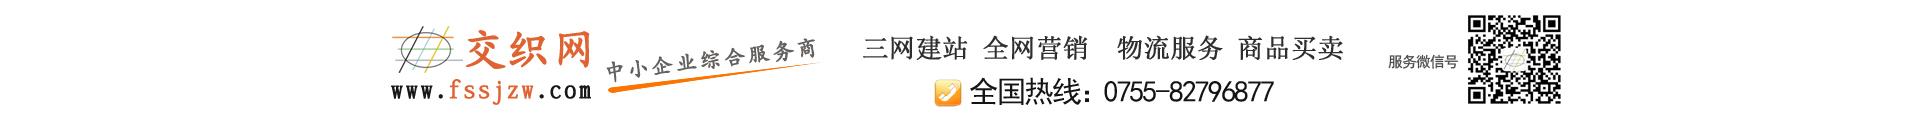 深圳市新宇网络有限公司